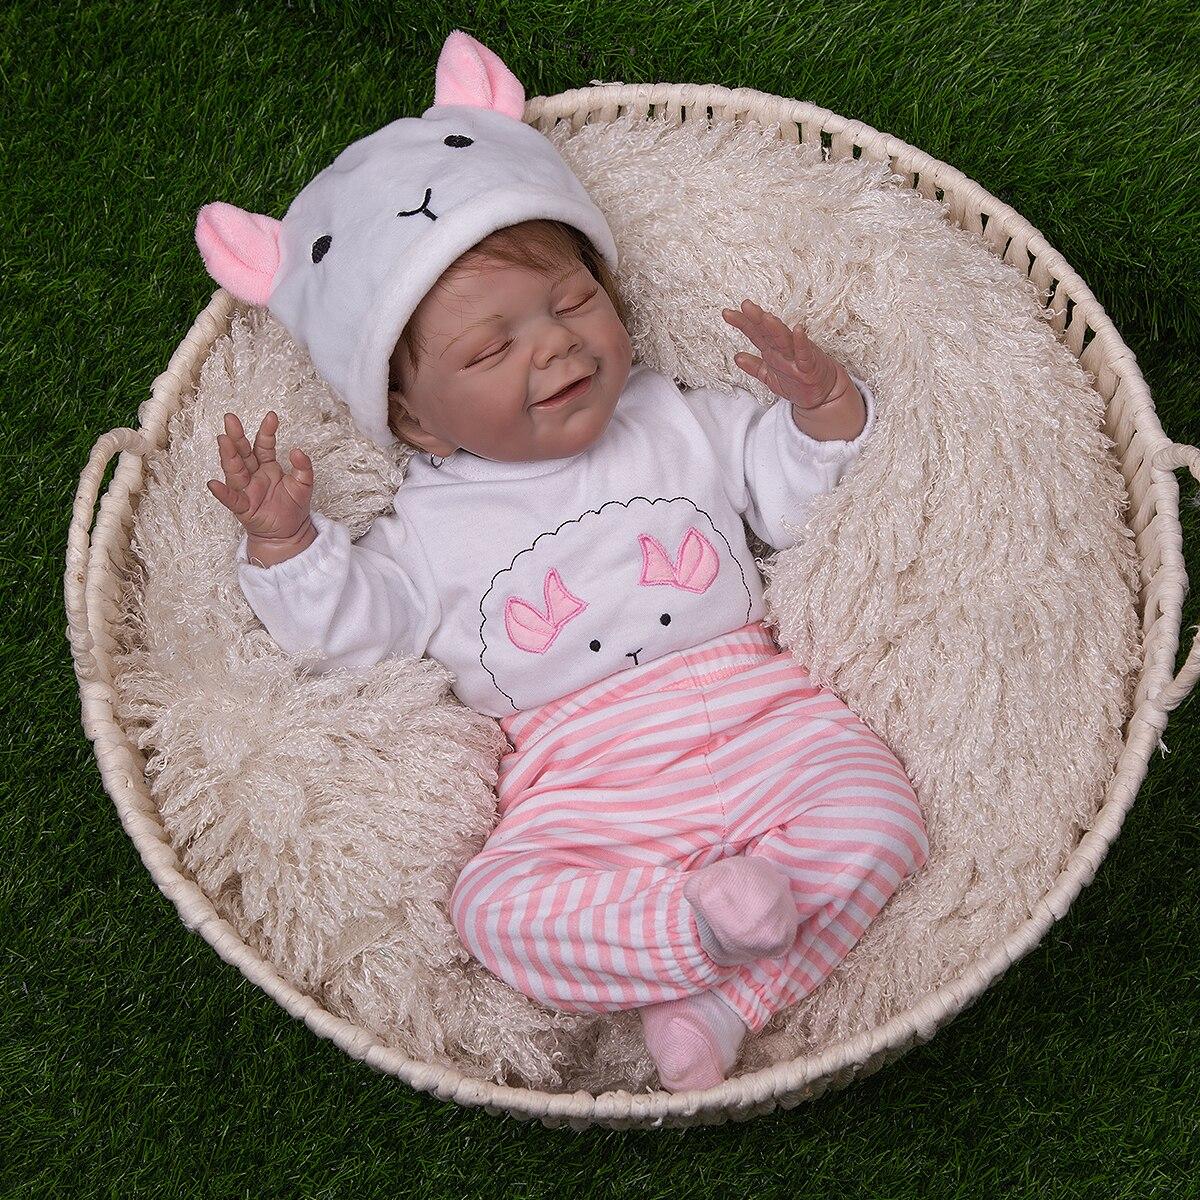 50 cm Super Weiche Silikon Reborn Baby Puppen Verwurzelt Faser Haar Lebensechte Nette Tuch Körper Reborn Bebe Spielzeug Für Kinder der Tag Geschenke